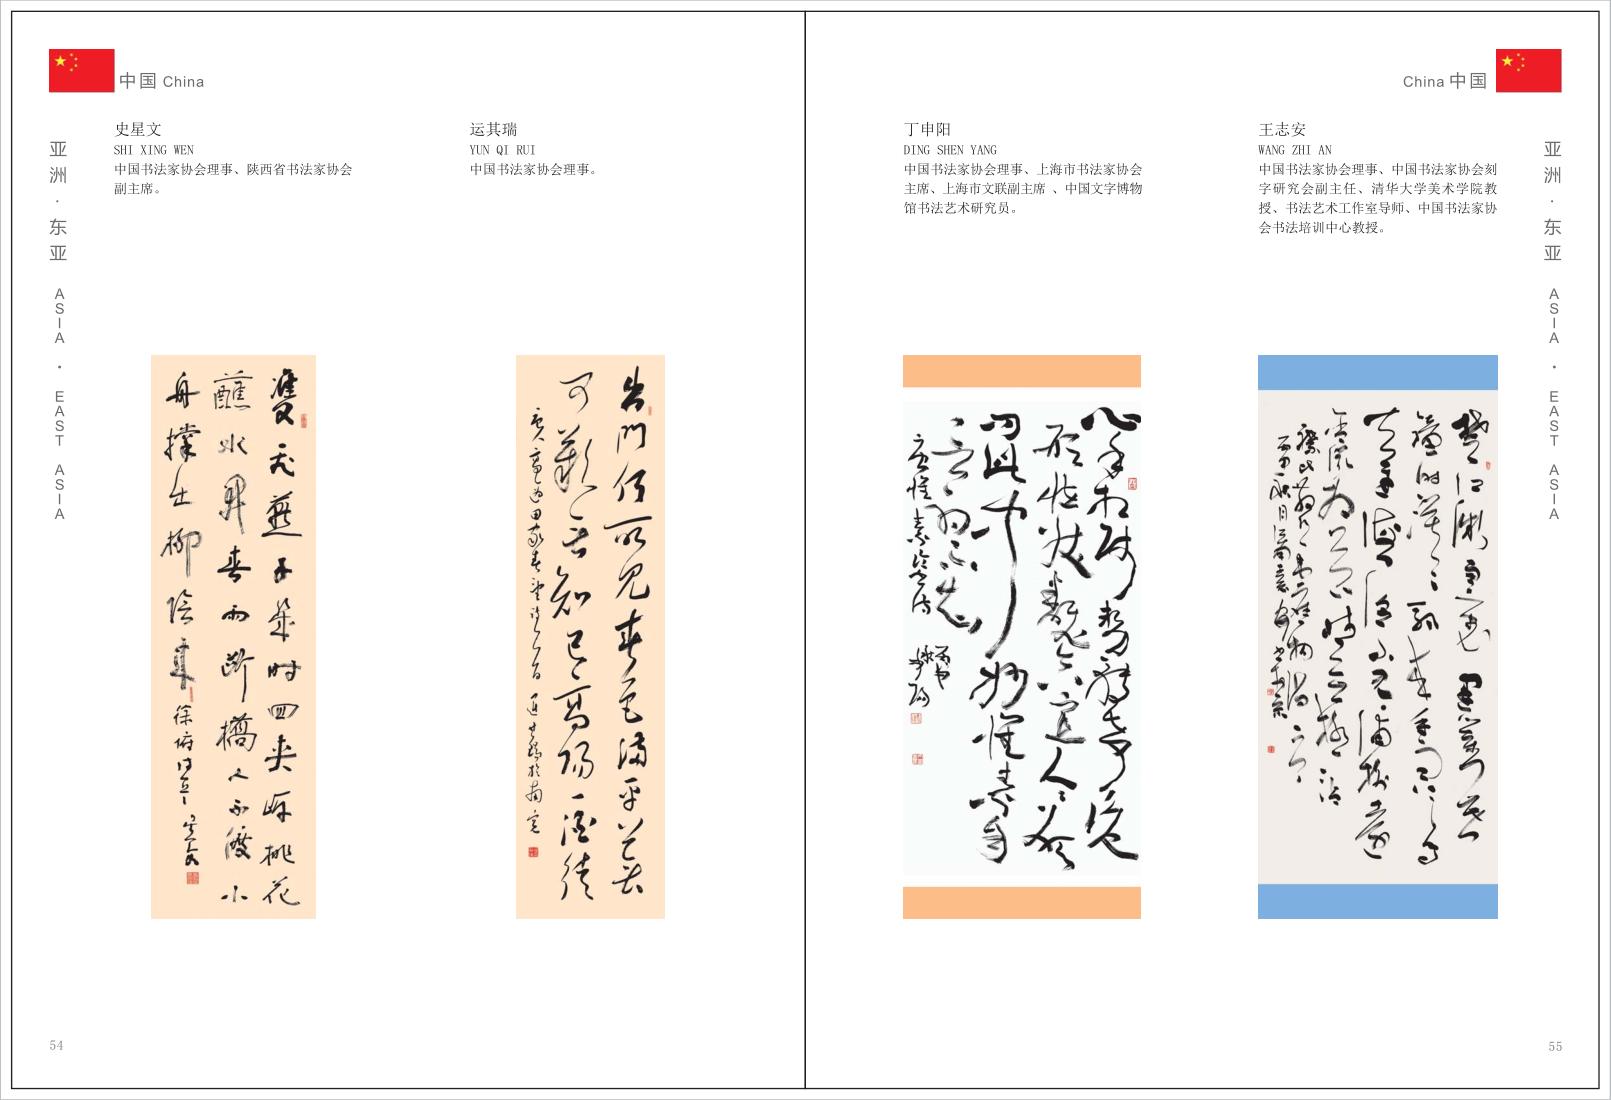 191页2_29.png